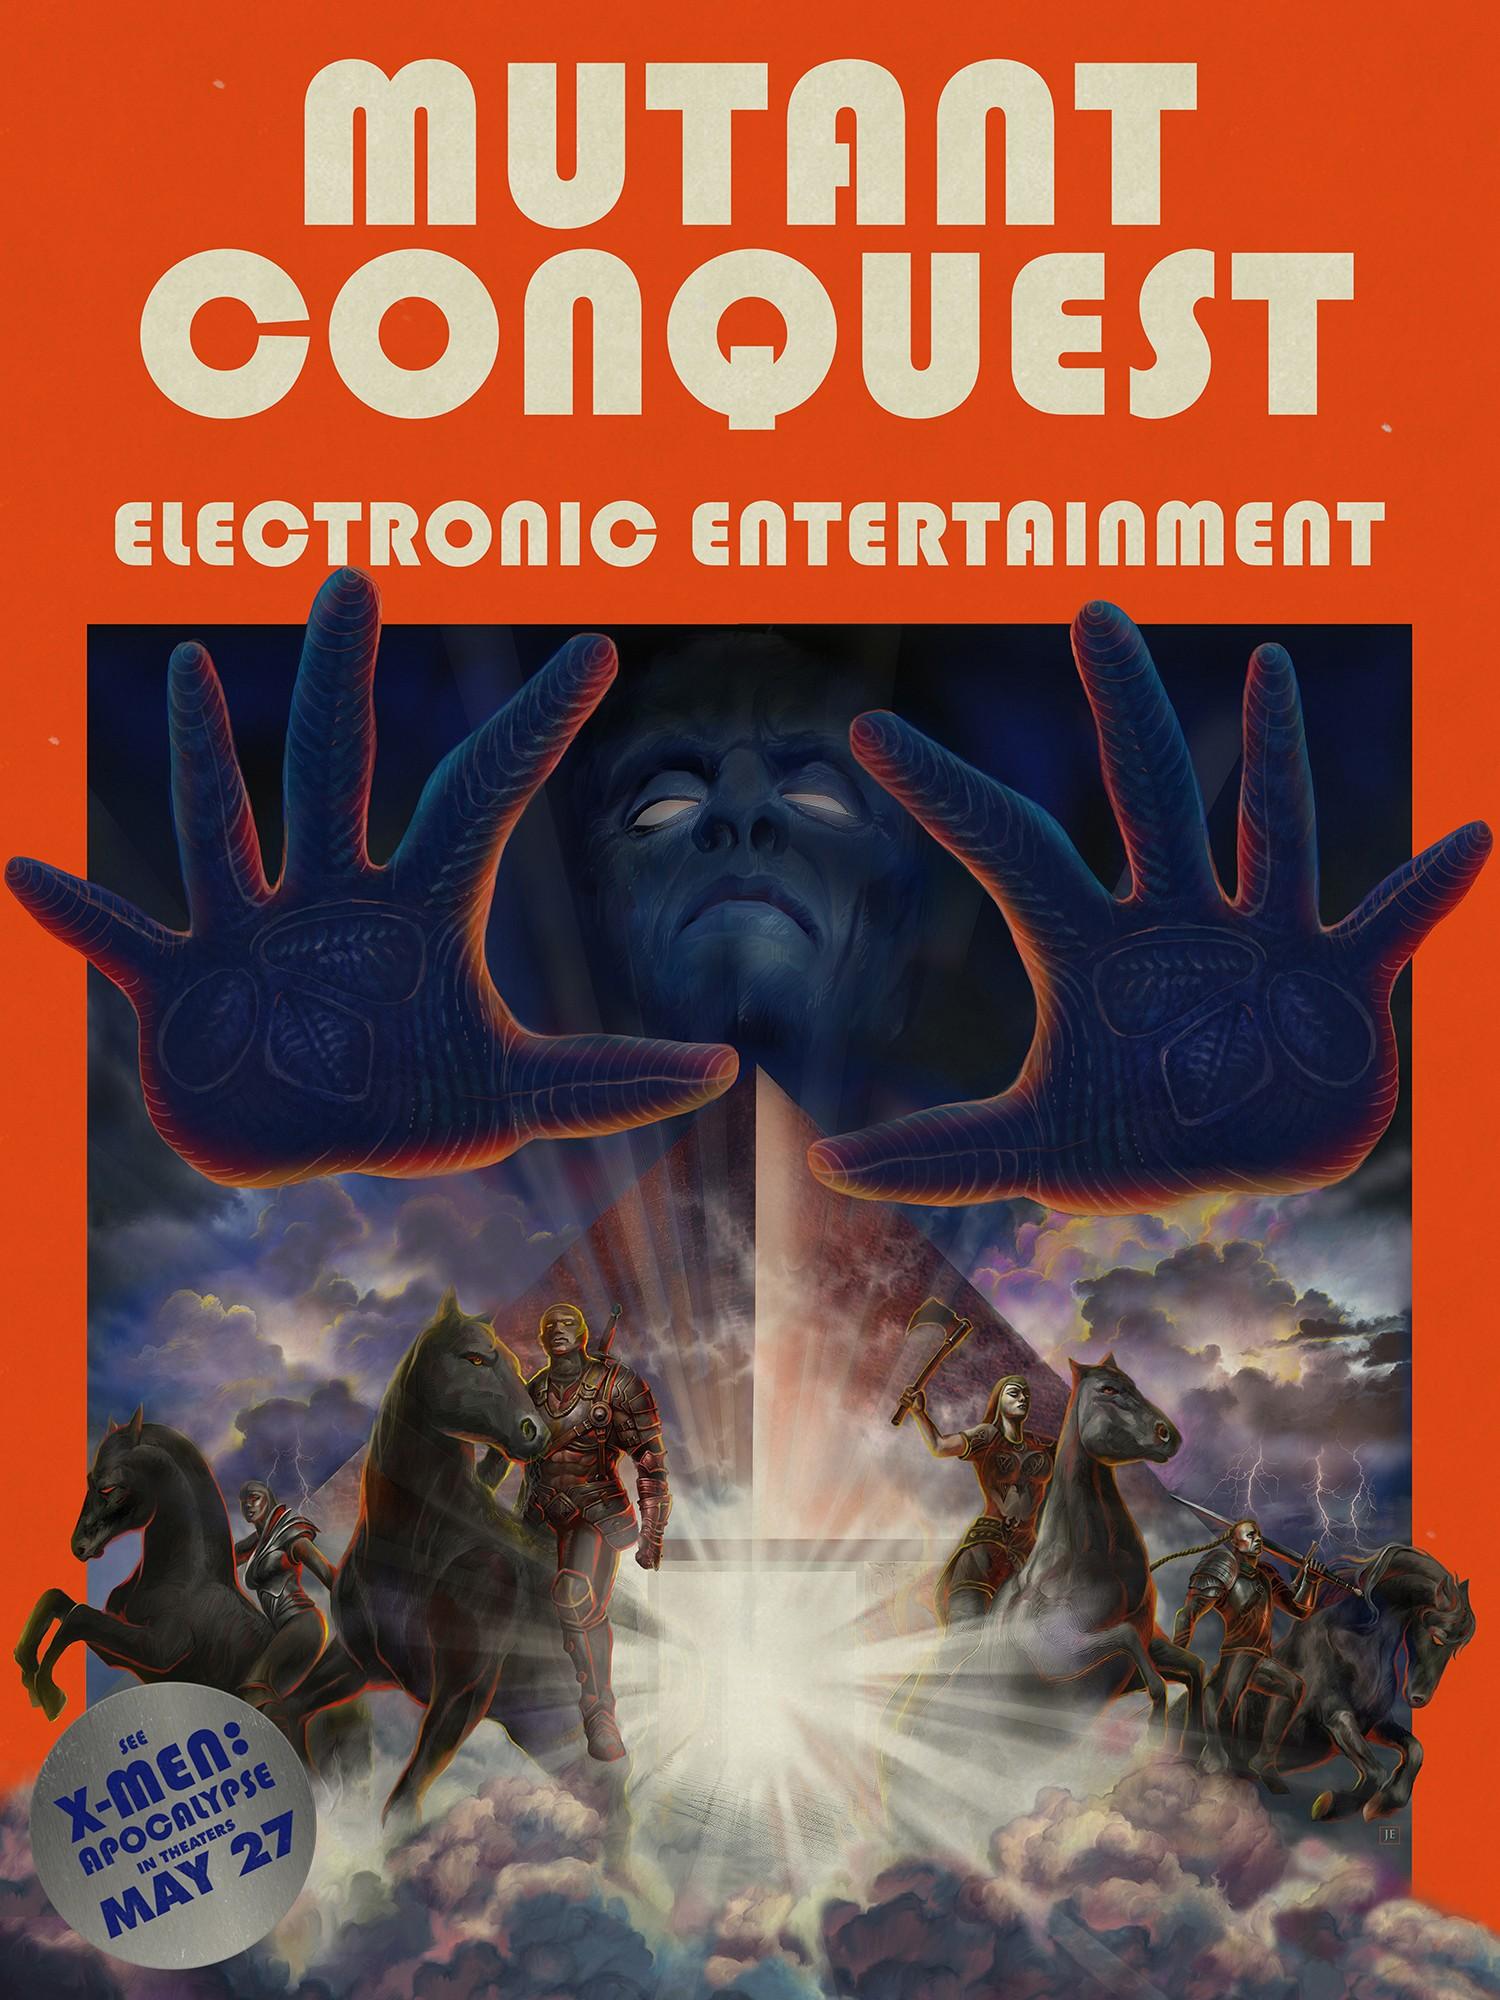 X-Men: Apocalisse: il poster del videogame Mutant Conquest